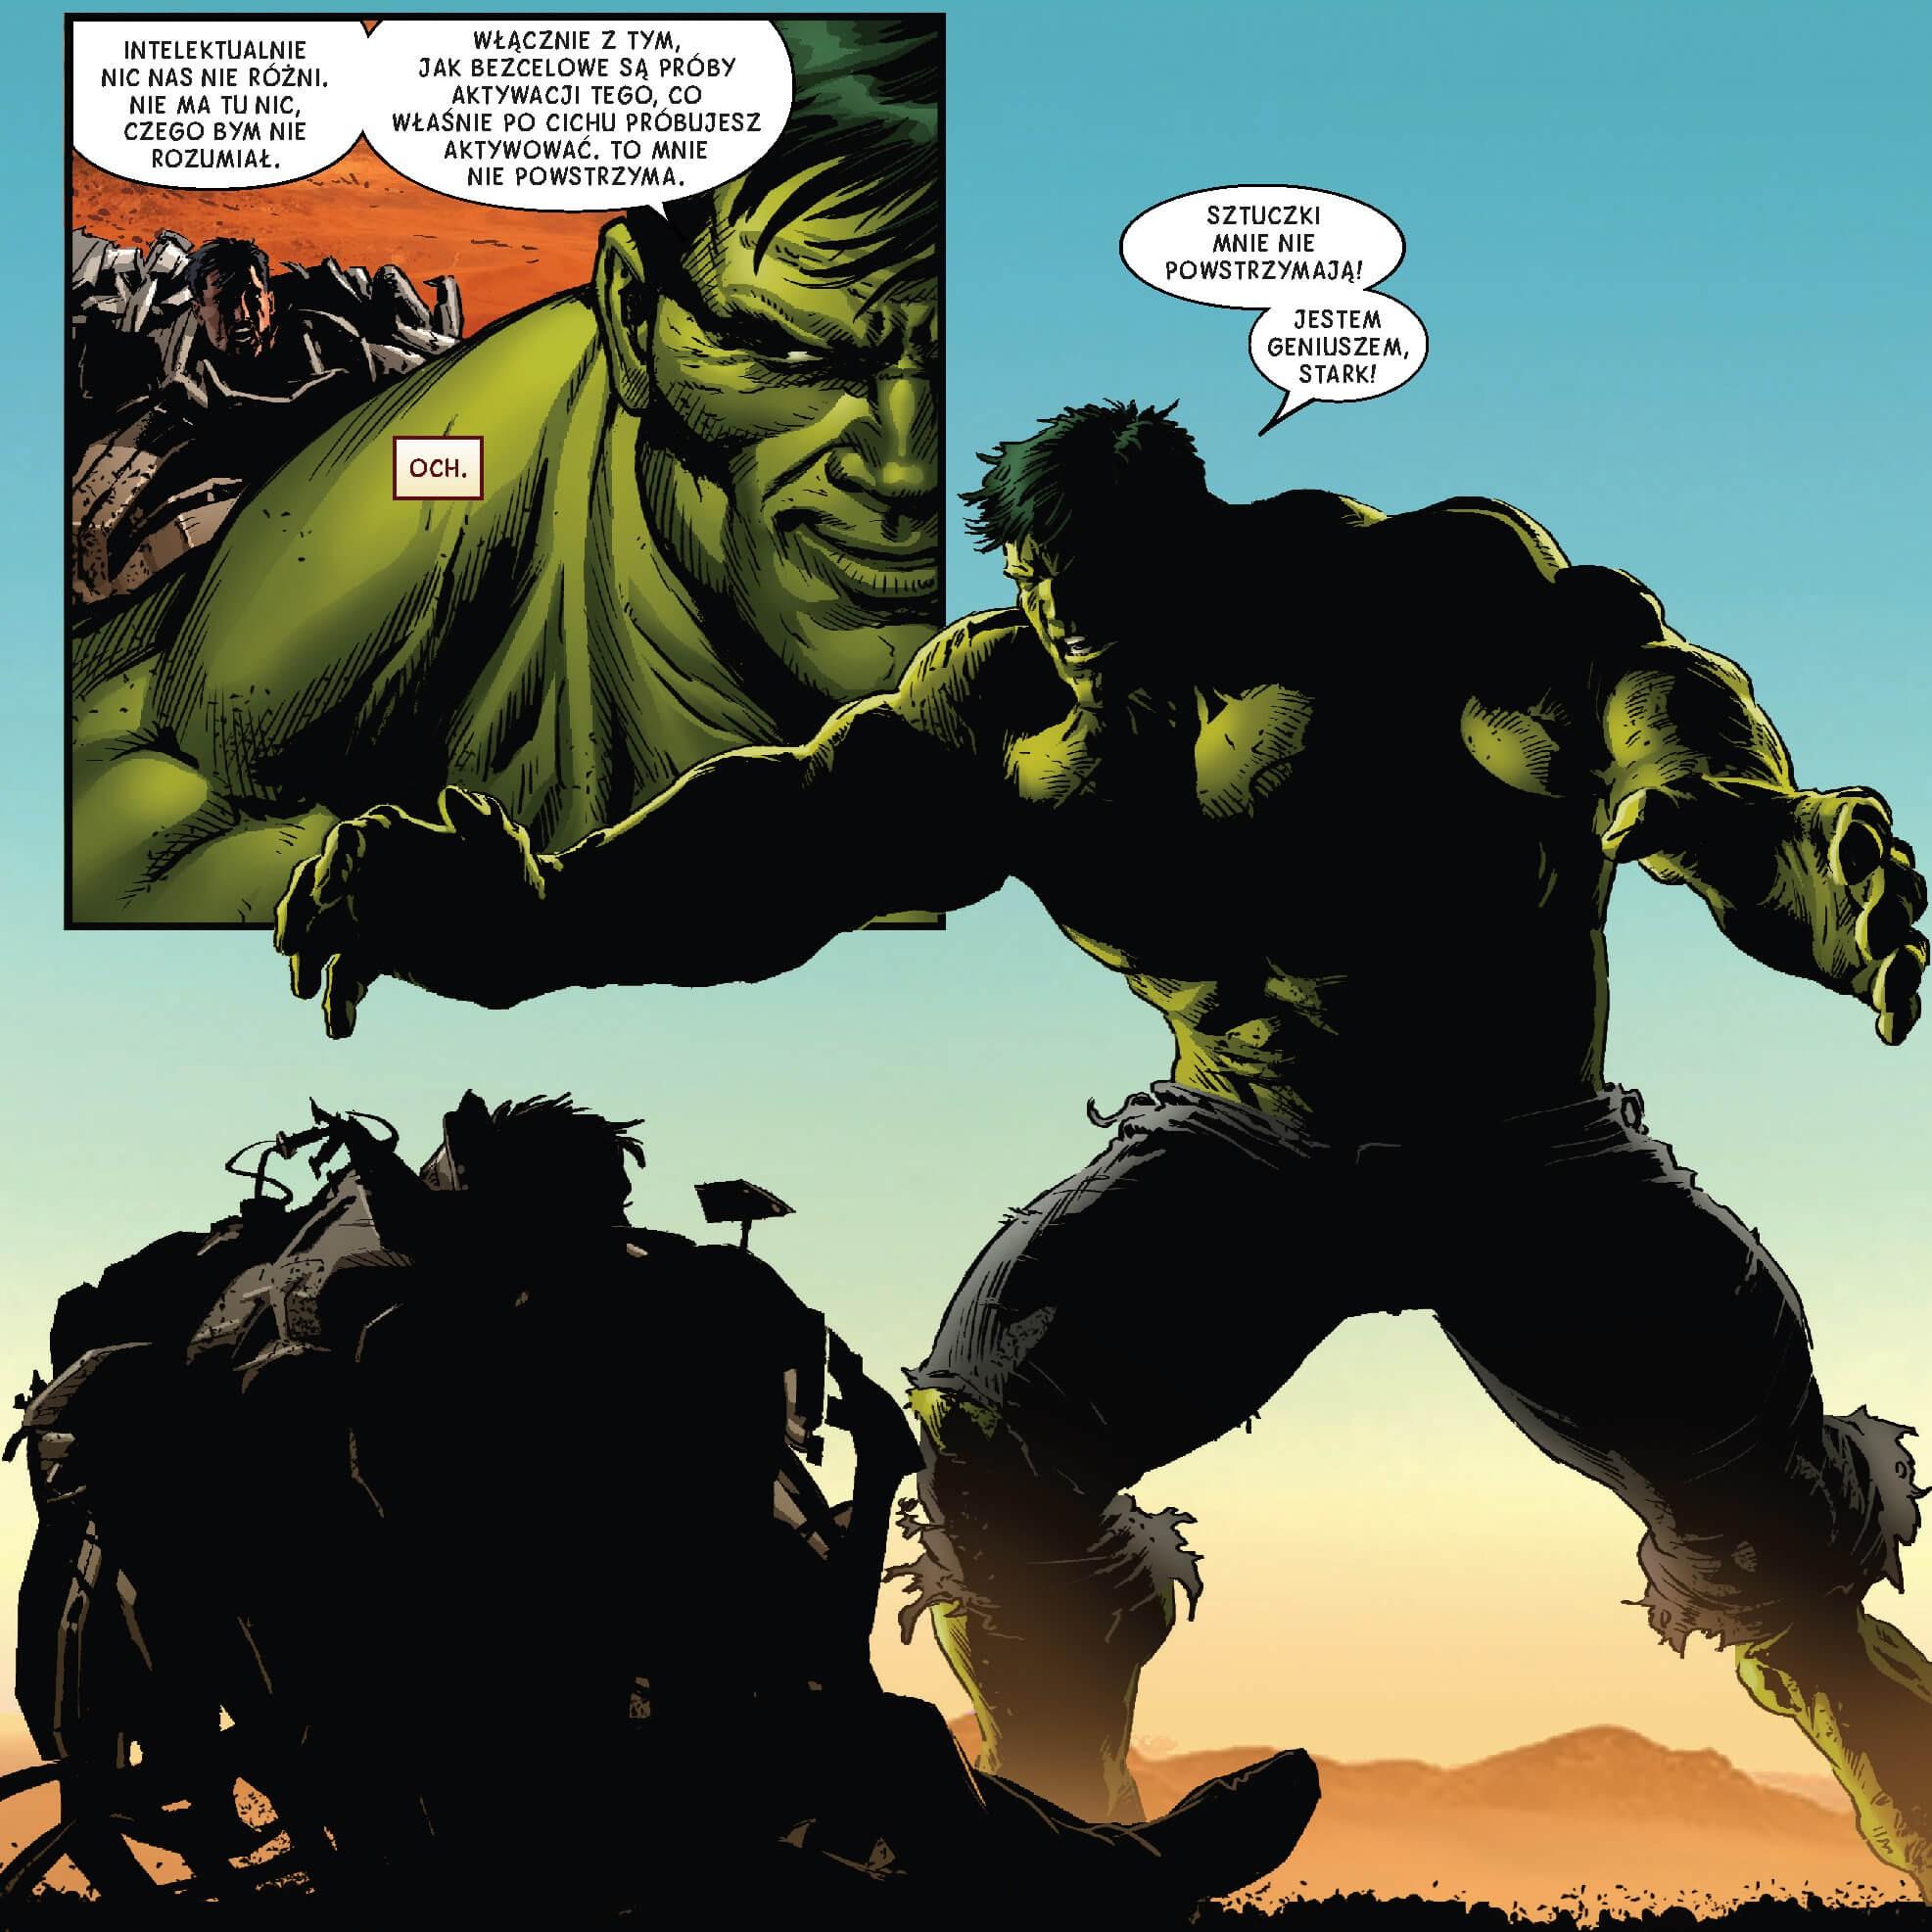 mn_hulk_vs_im_plansza_02.jpg